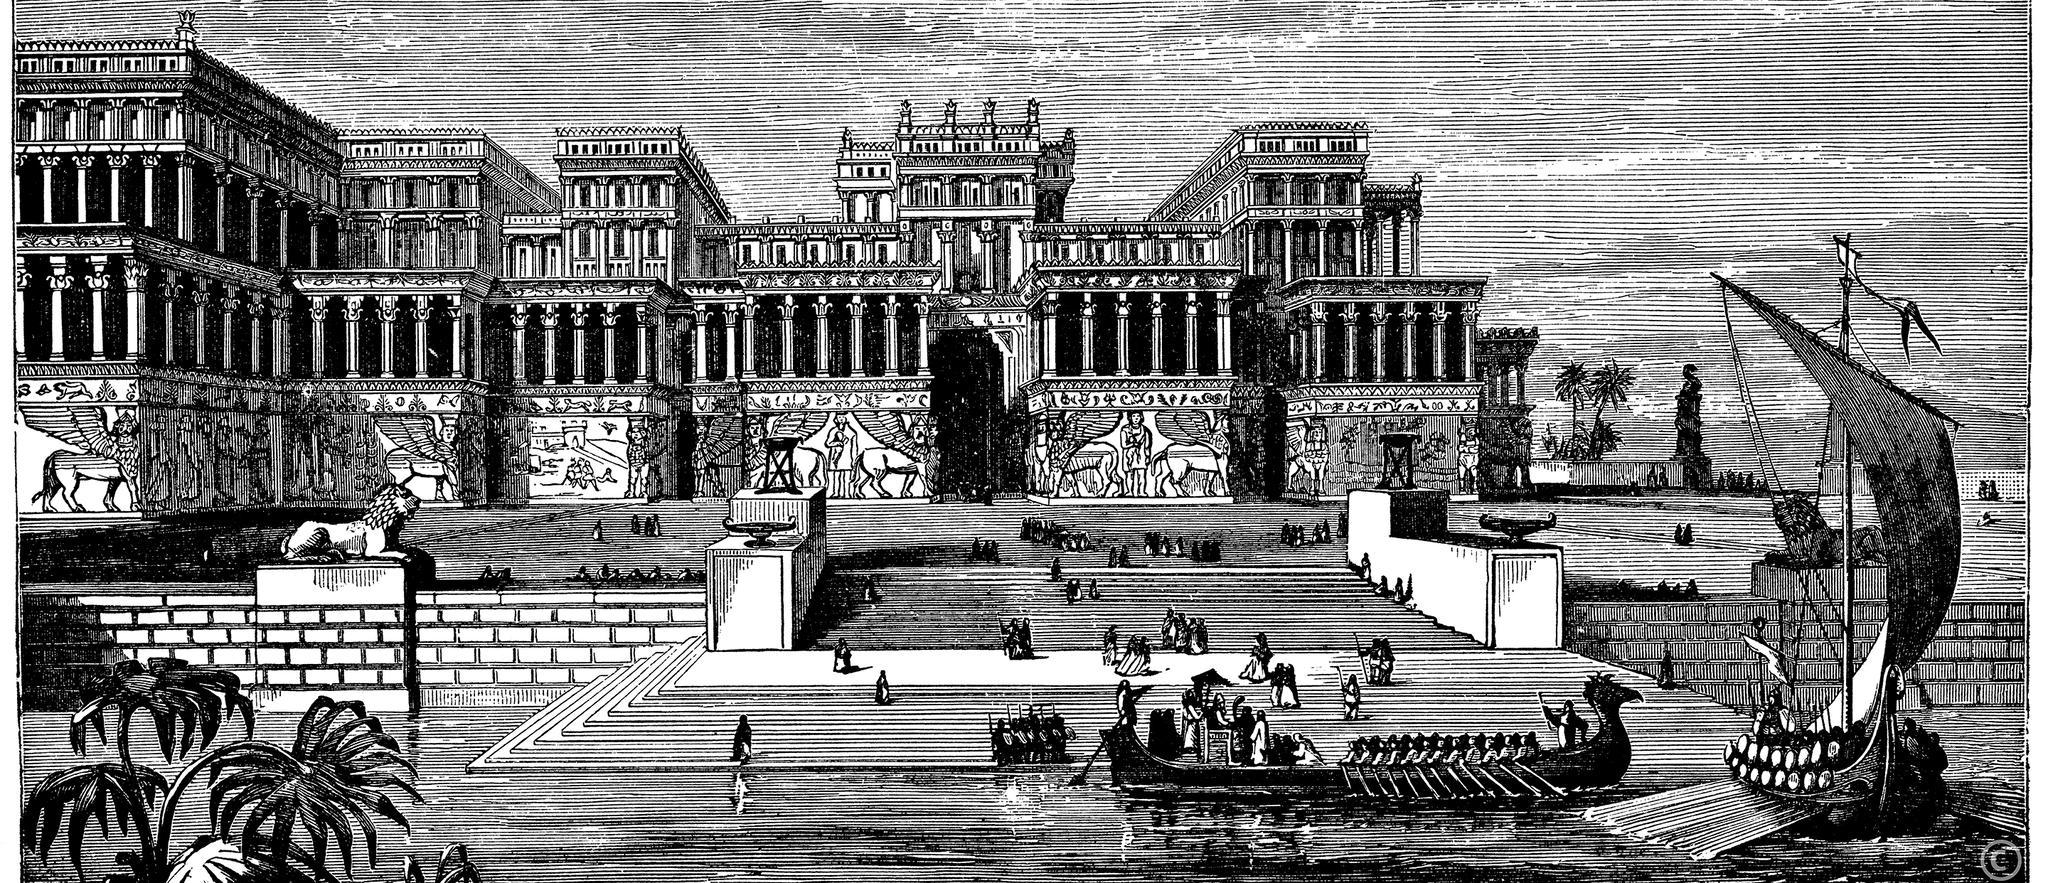 Pałac królów asyryjskich wNiniwie. Badający ruiny tego miasta archeolodzy odkryli resztki pałacu królewskiego Pałac królów asyryjskich wNiniwie. Badający ruiny tego miasta archeolodzy odkryli resztki pałacu królewskiego Źródło: iStockphoto, tylko do użytku edukacyjnego na epodreczniki.pl.